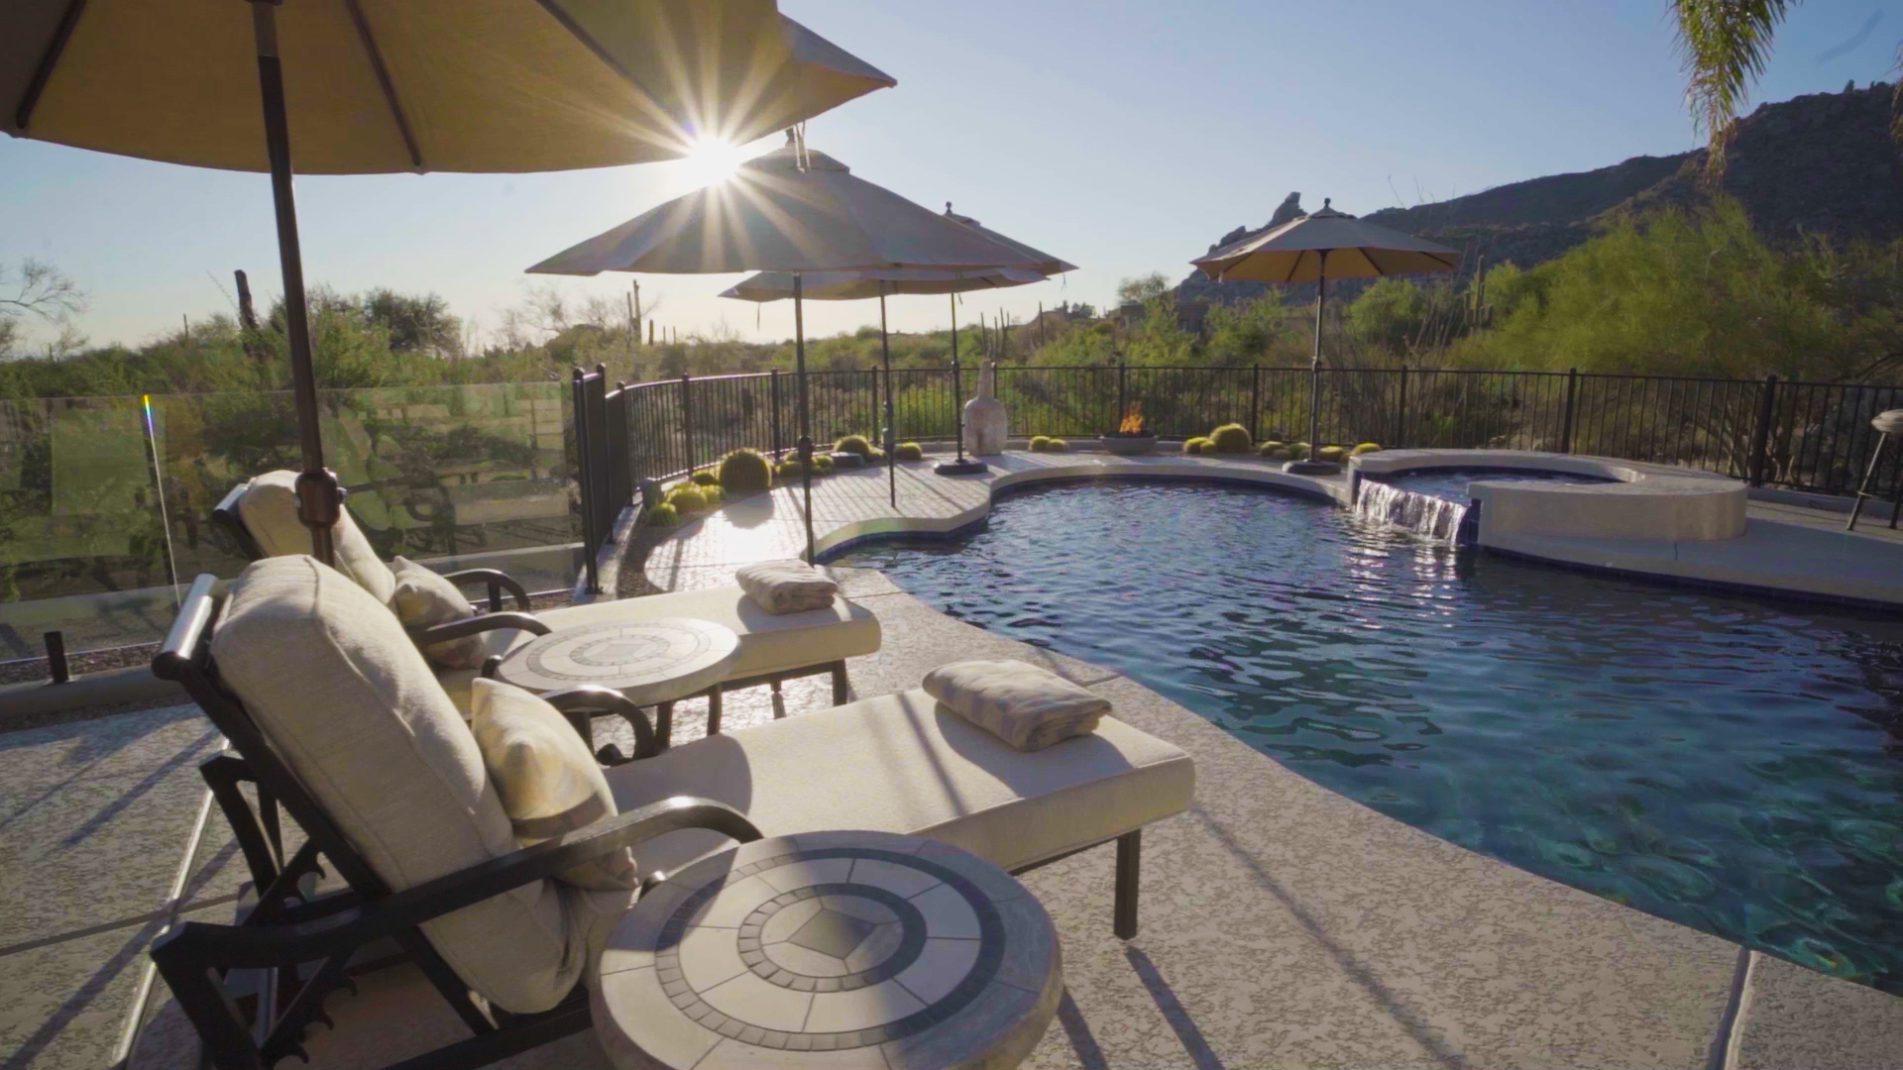 The Multops Pool Desert View